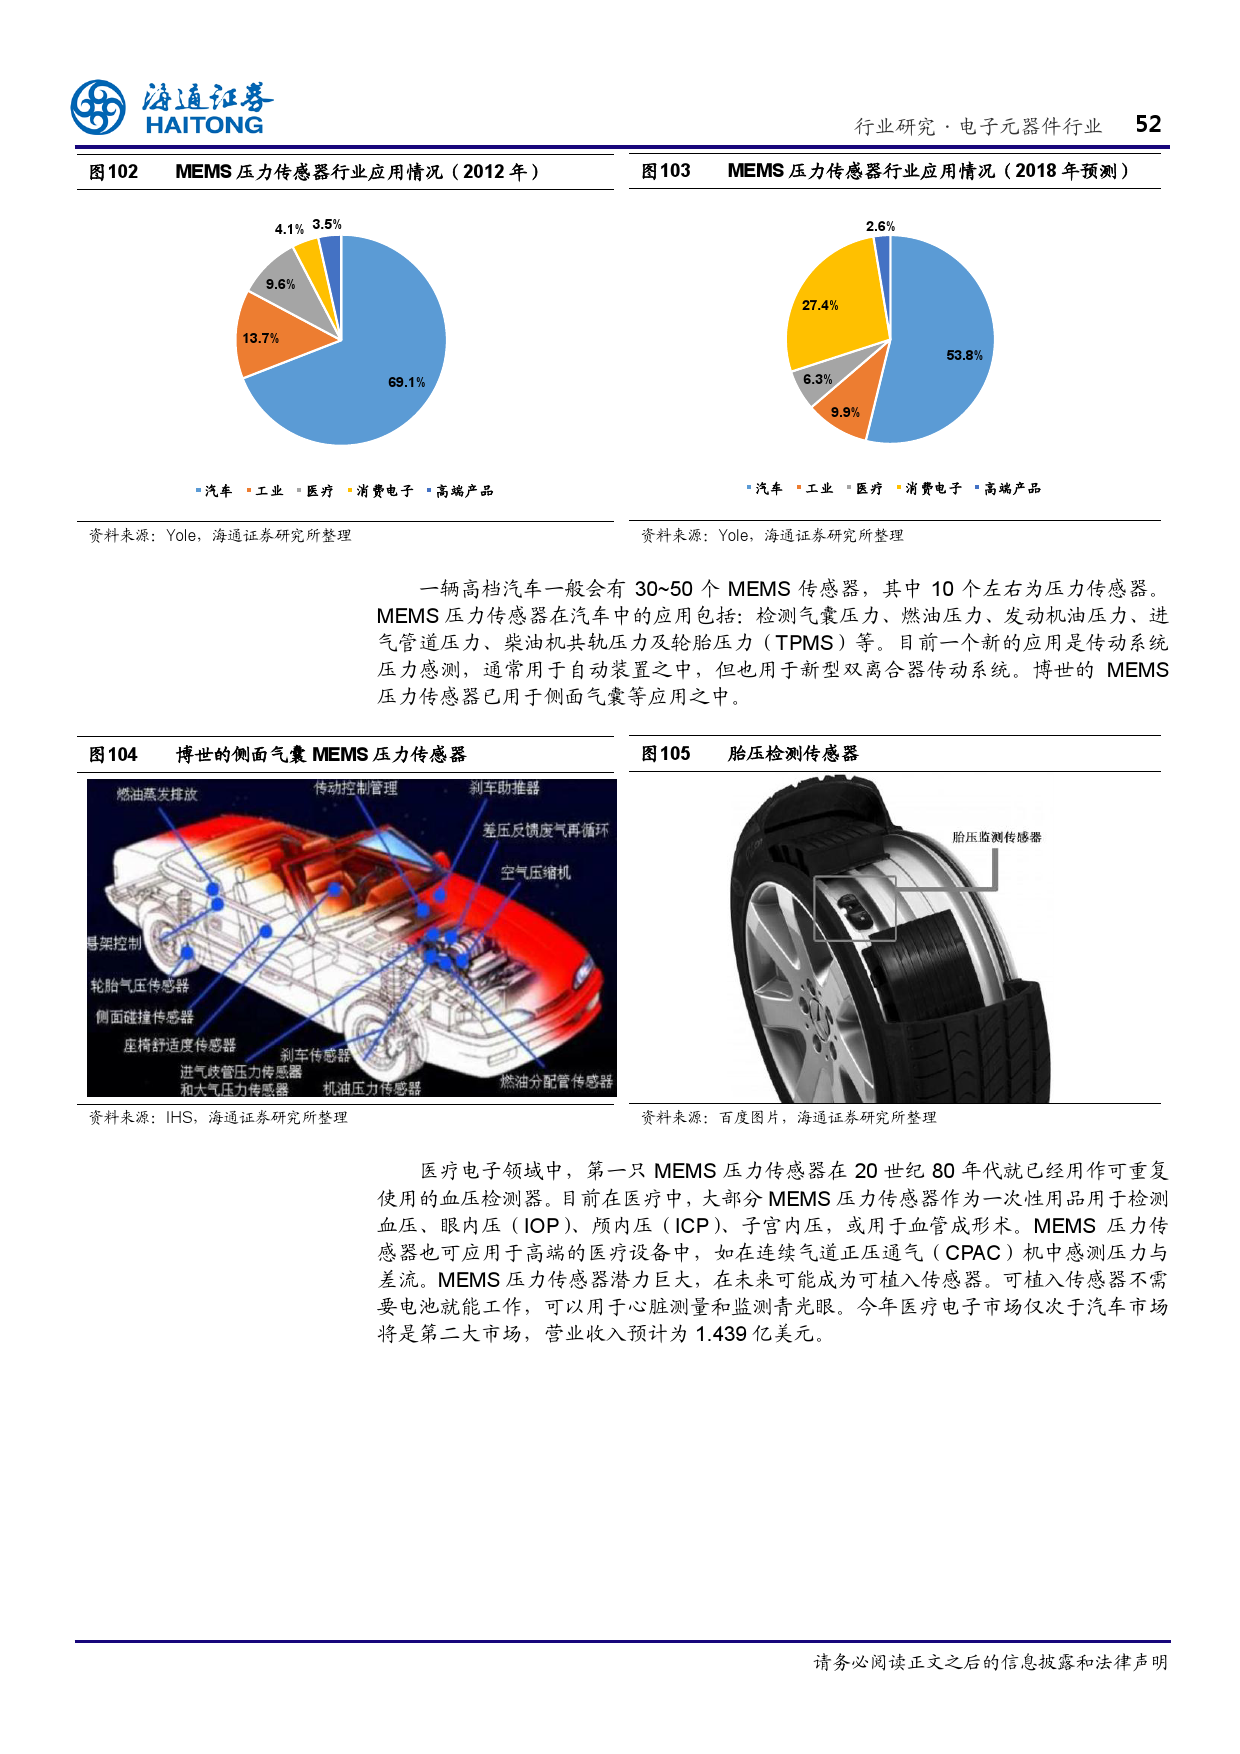 报告全解传感器全球产业链_000052